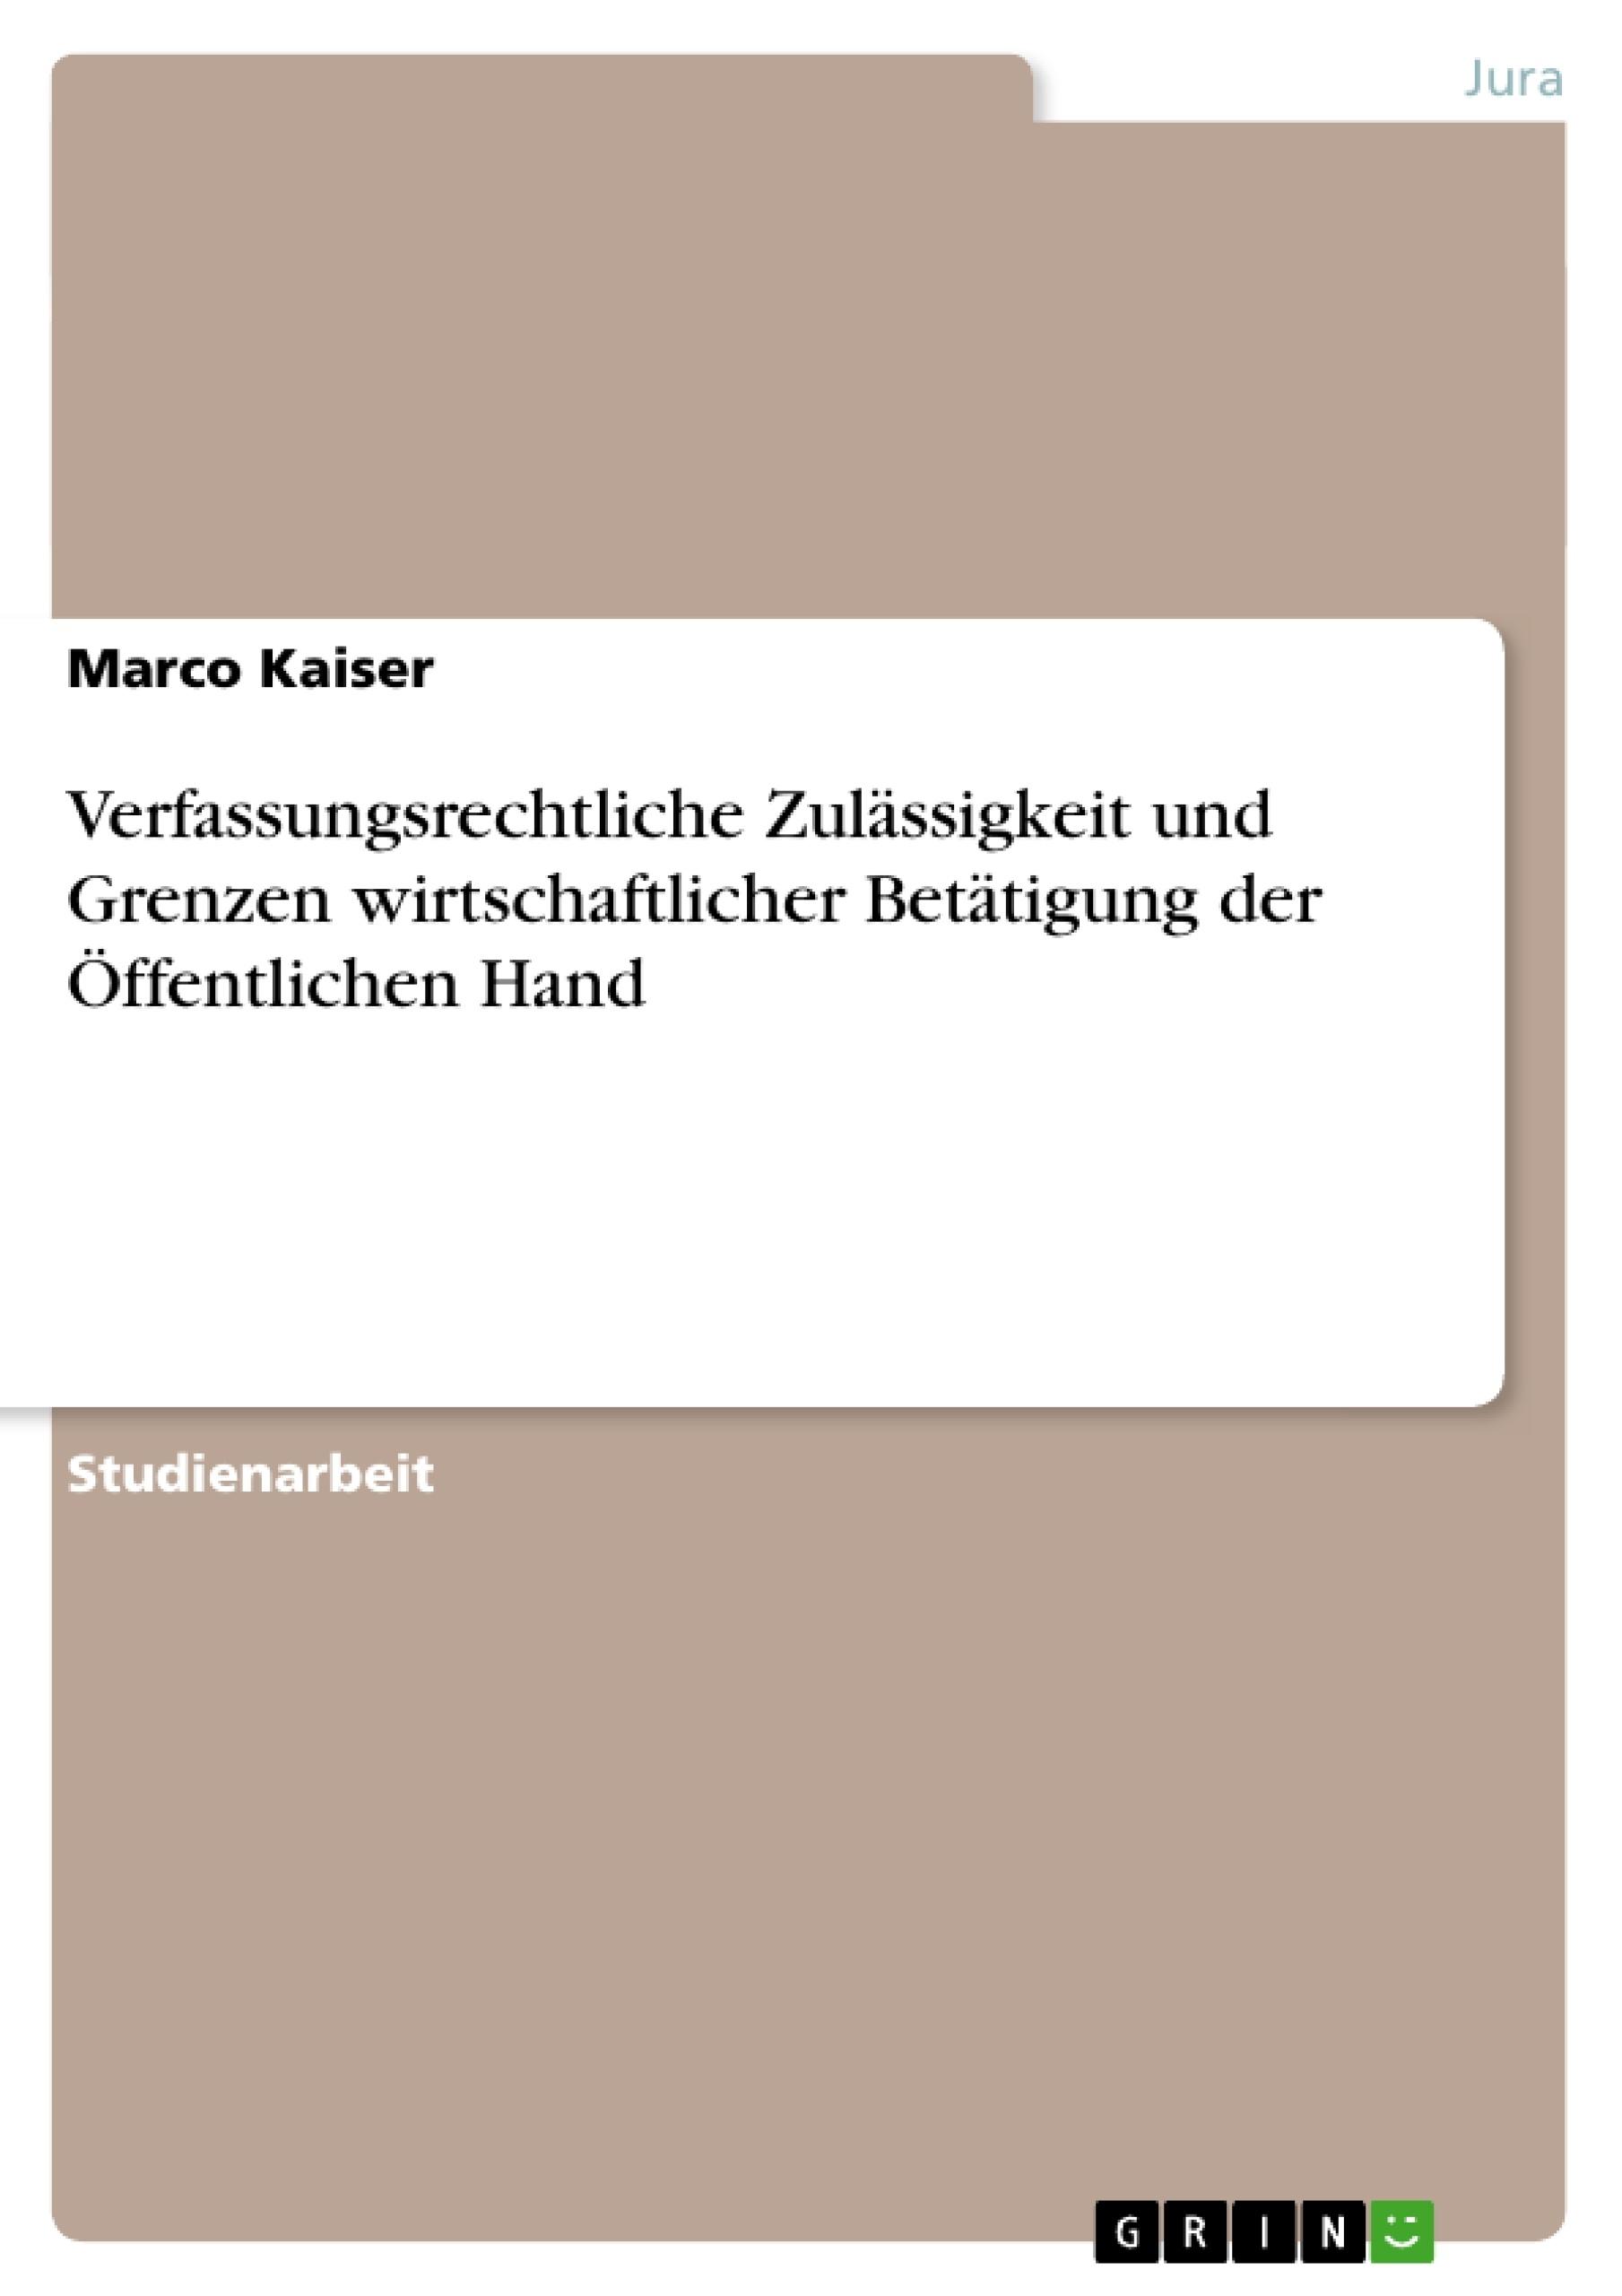 Titel: Verfassungsrechtliche Zulässigkeit und Grenzen wirtschaftlicher Betätigung der Öffentlichen Hand